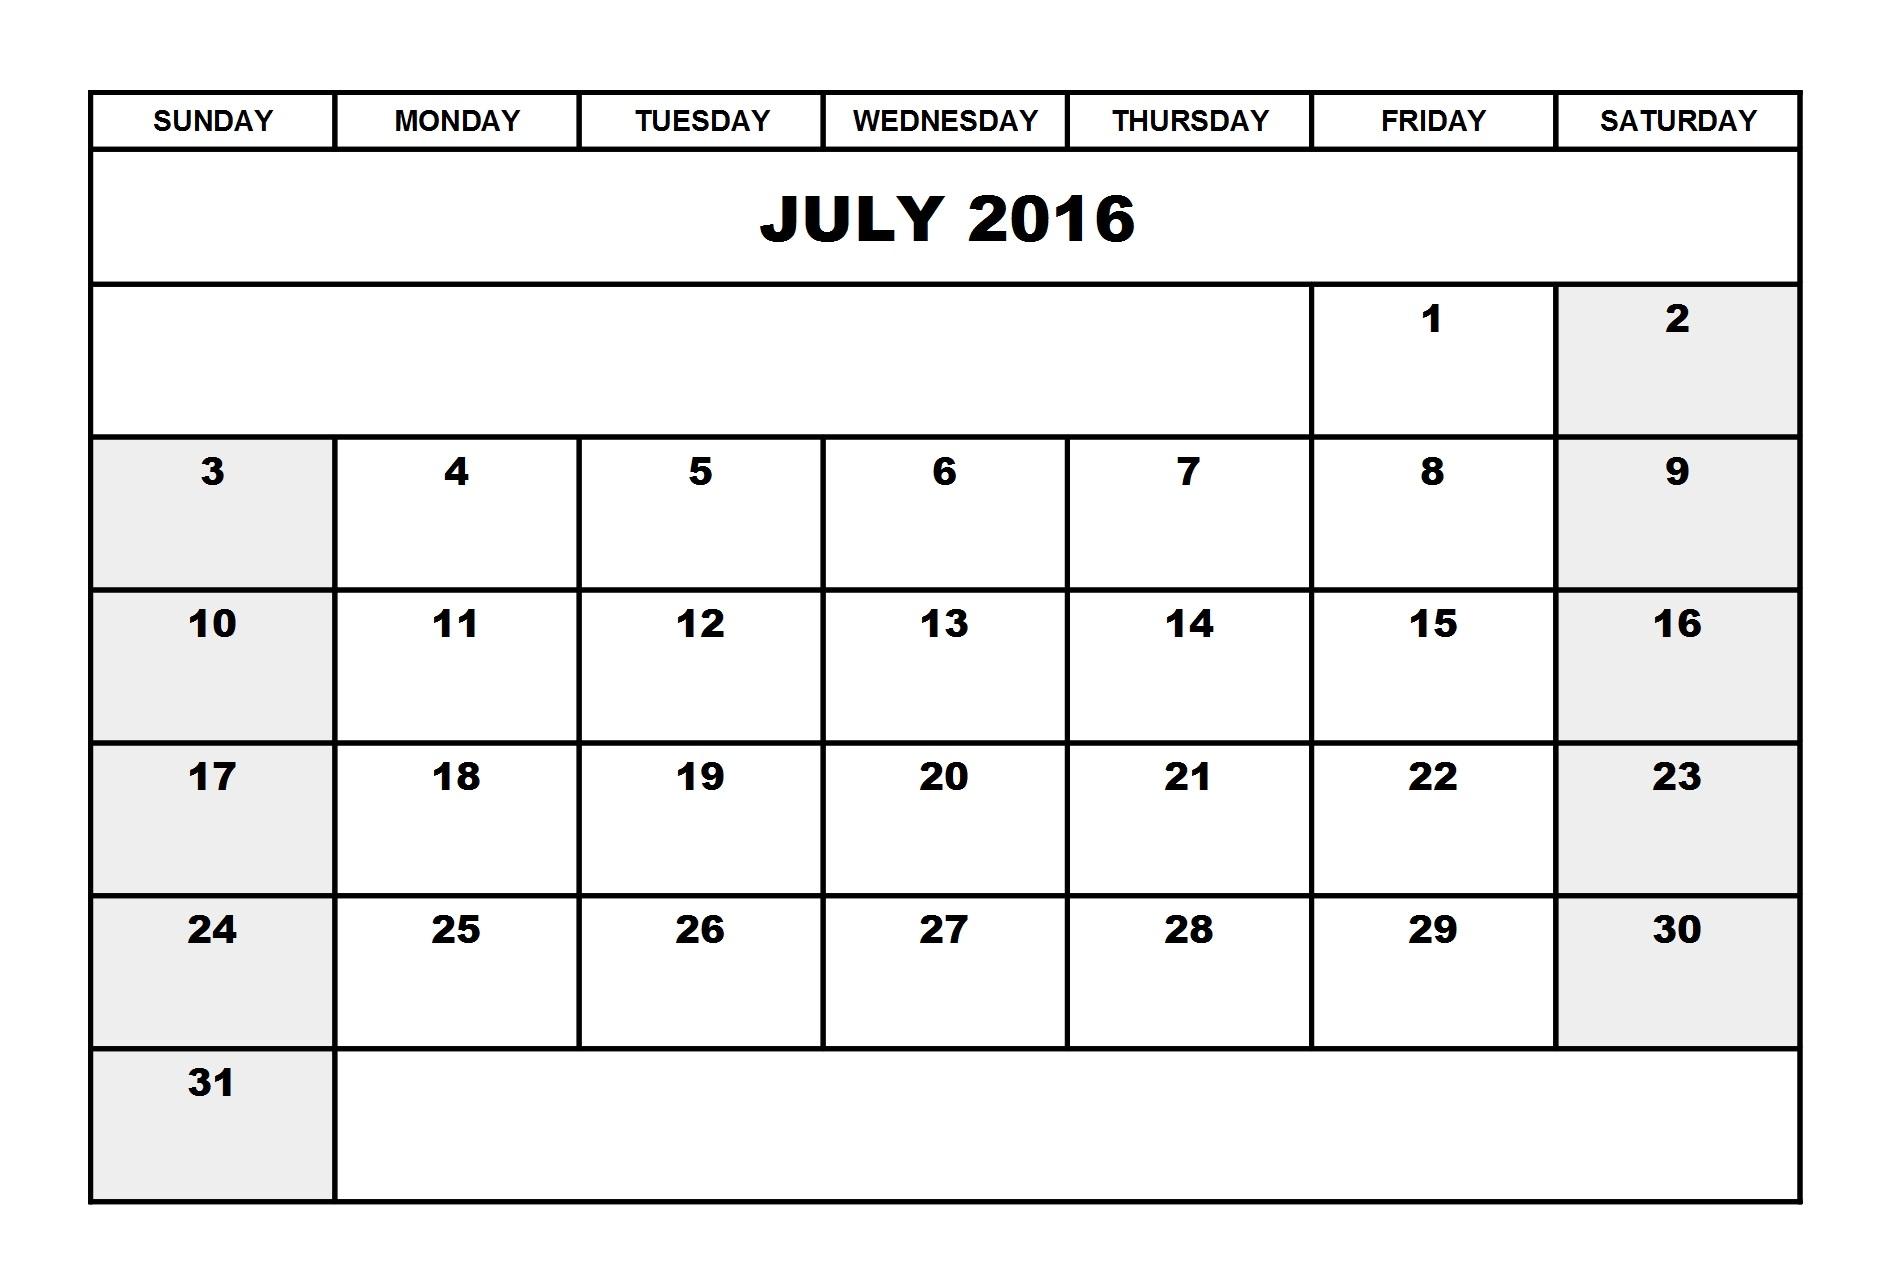 July 2016 Weekly Printable Calendar, July 2016 Blank Weekly Templates, July 2016 Blank Weekly Calendar, July 2016 Weekly Calendar Printable, Weekly July 2016 Calendar Templates, July 2016 Editable Weekly Templates, July 2016 Printable Calendar, July 2016 Calendar landscape, July 2016 Calendar A4 size, July 2016 Printable Calendar Portrait